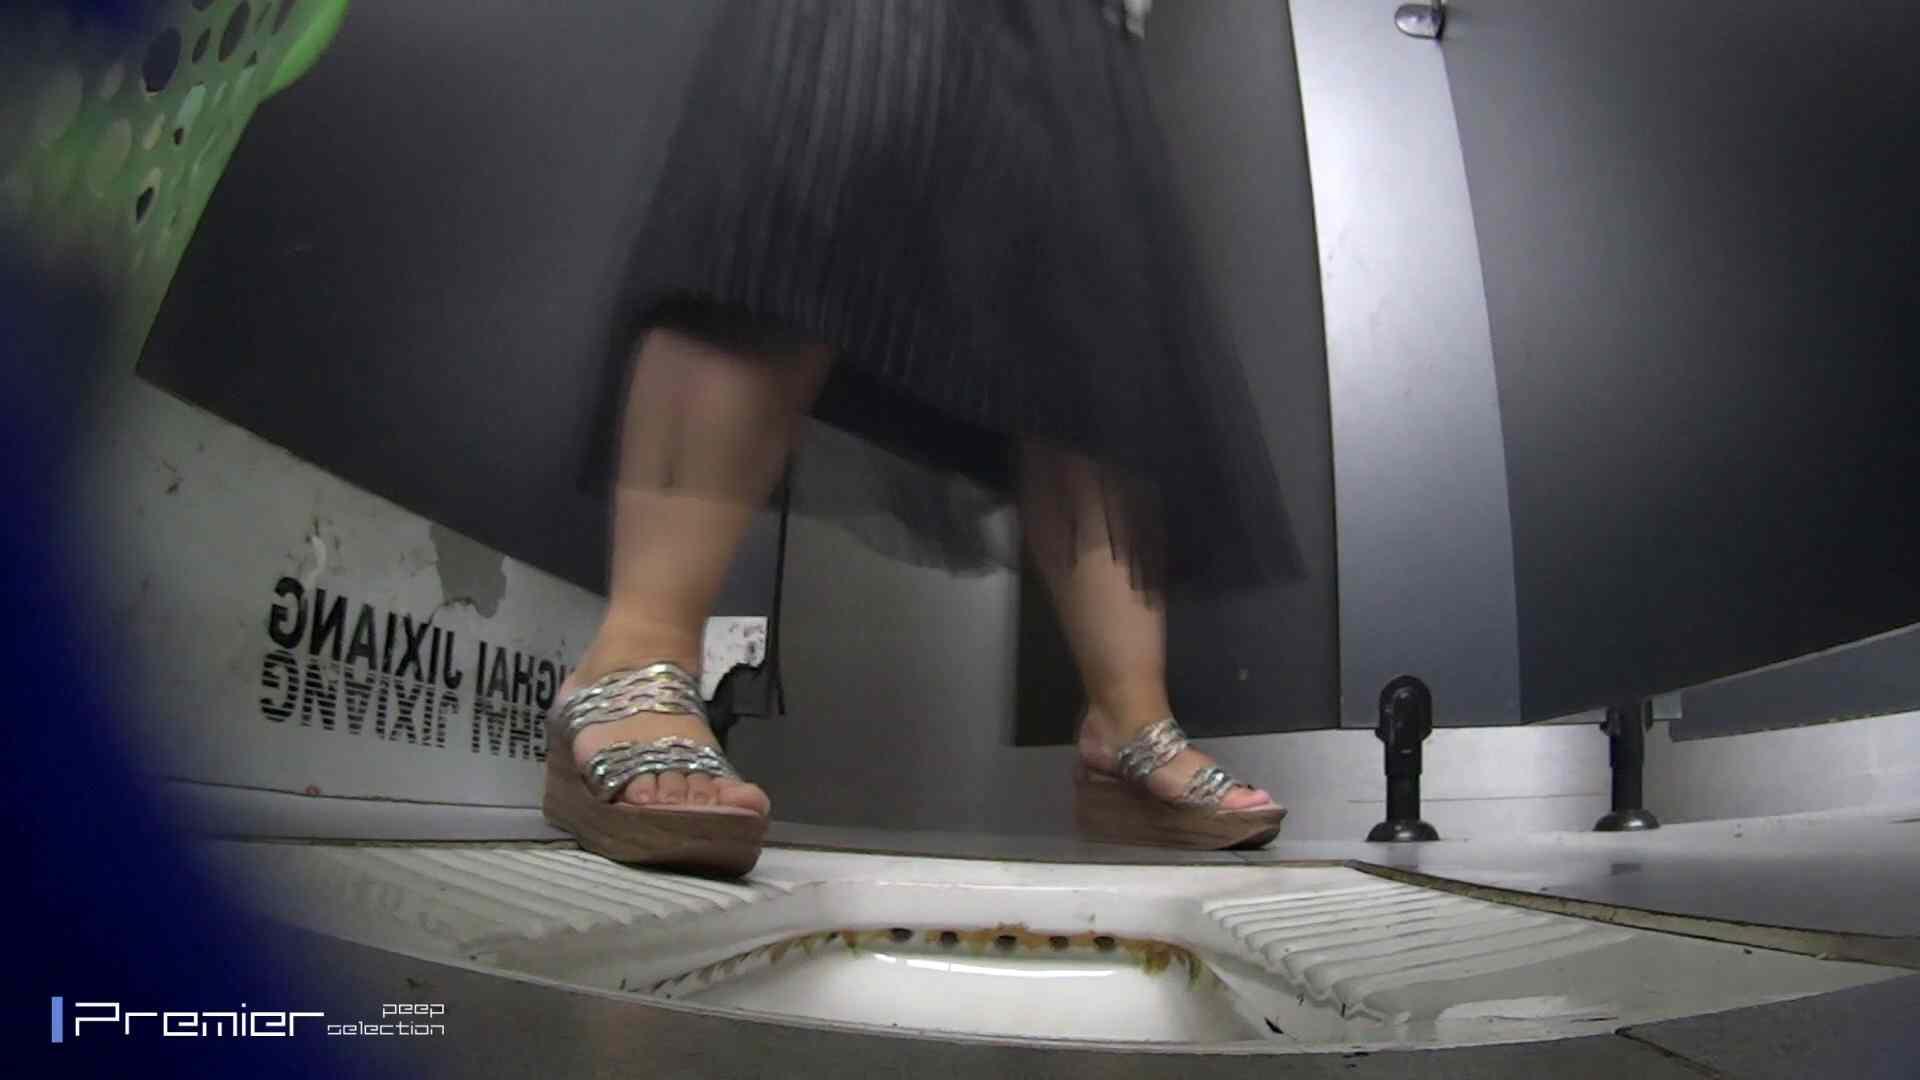 ポチャが多めの洗面所 大学休憩時間の洗面所事情45 洗面所 エロ画像 57連発 38